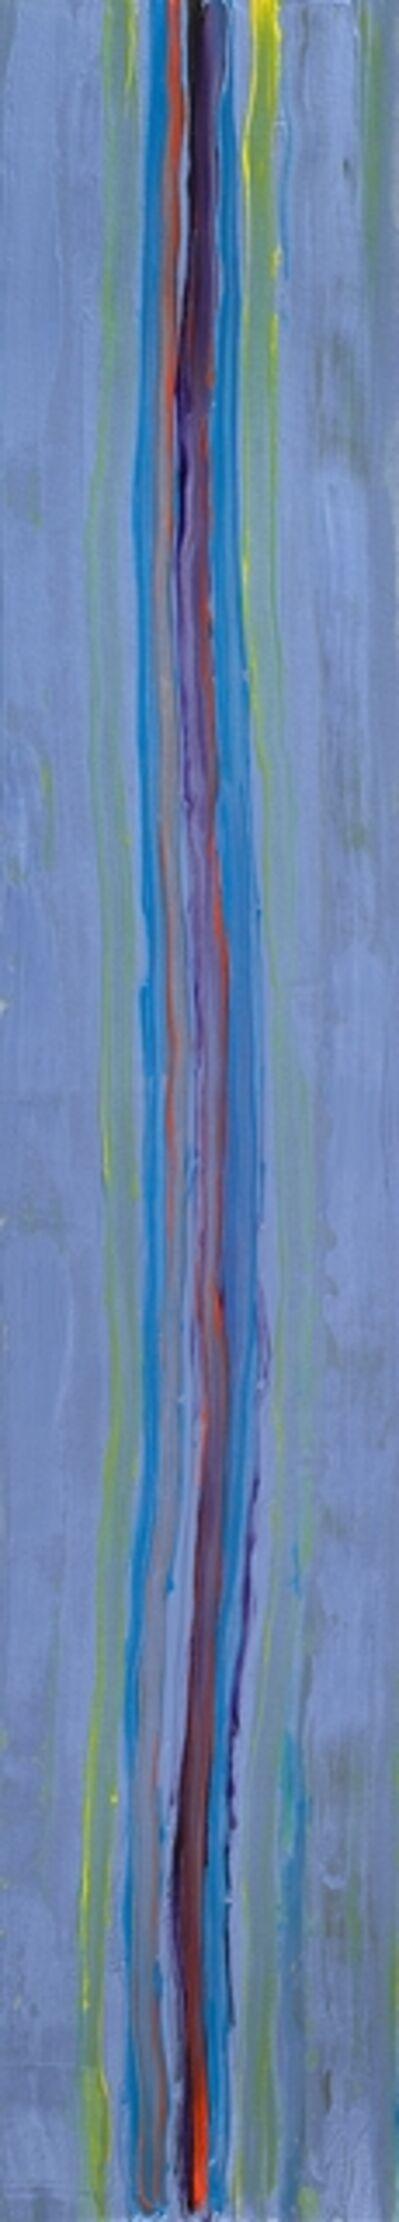 William Perehudoff, 'AC-81-022', 1981